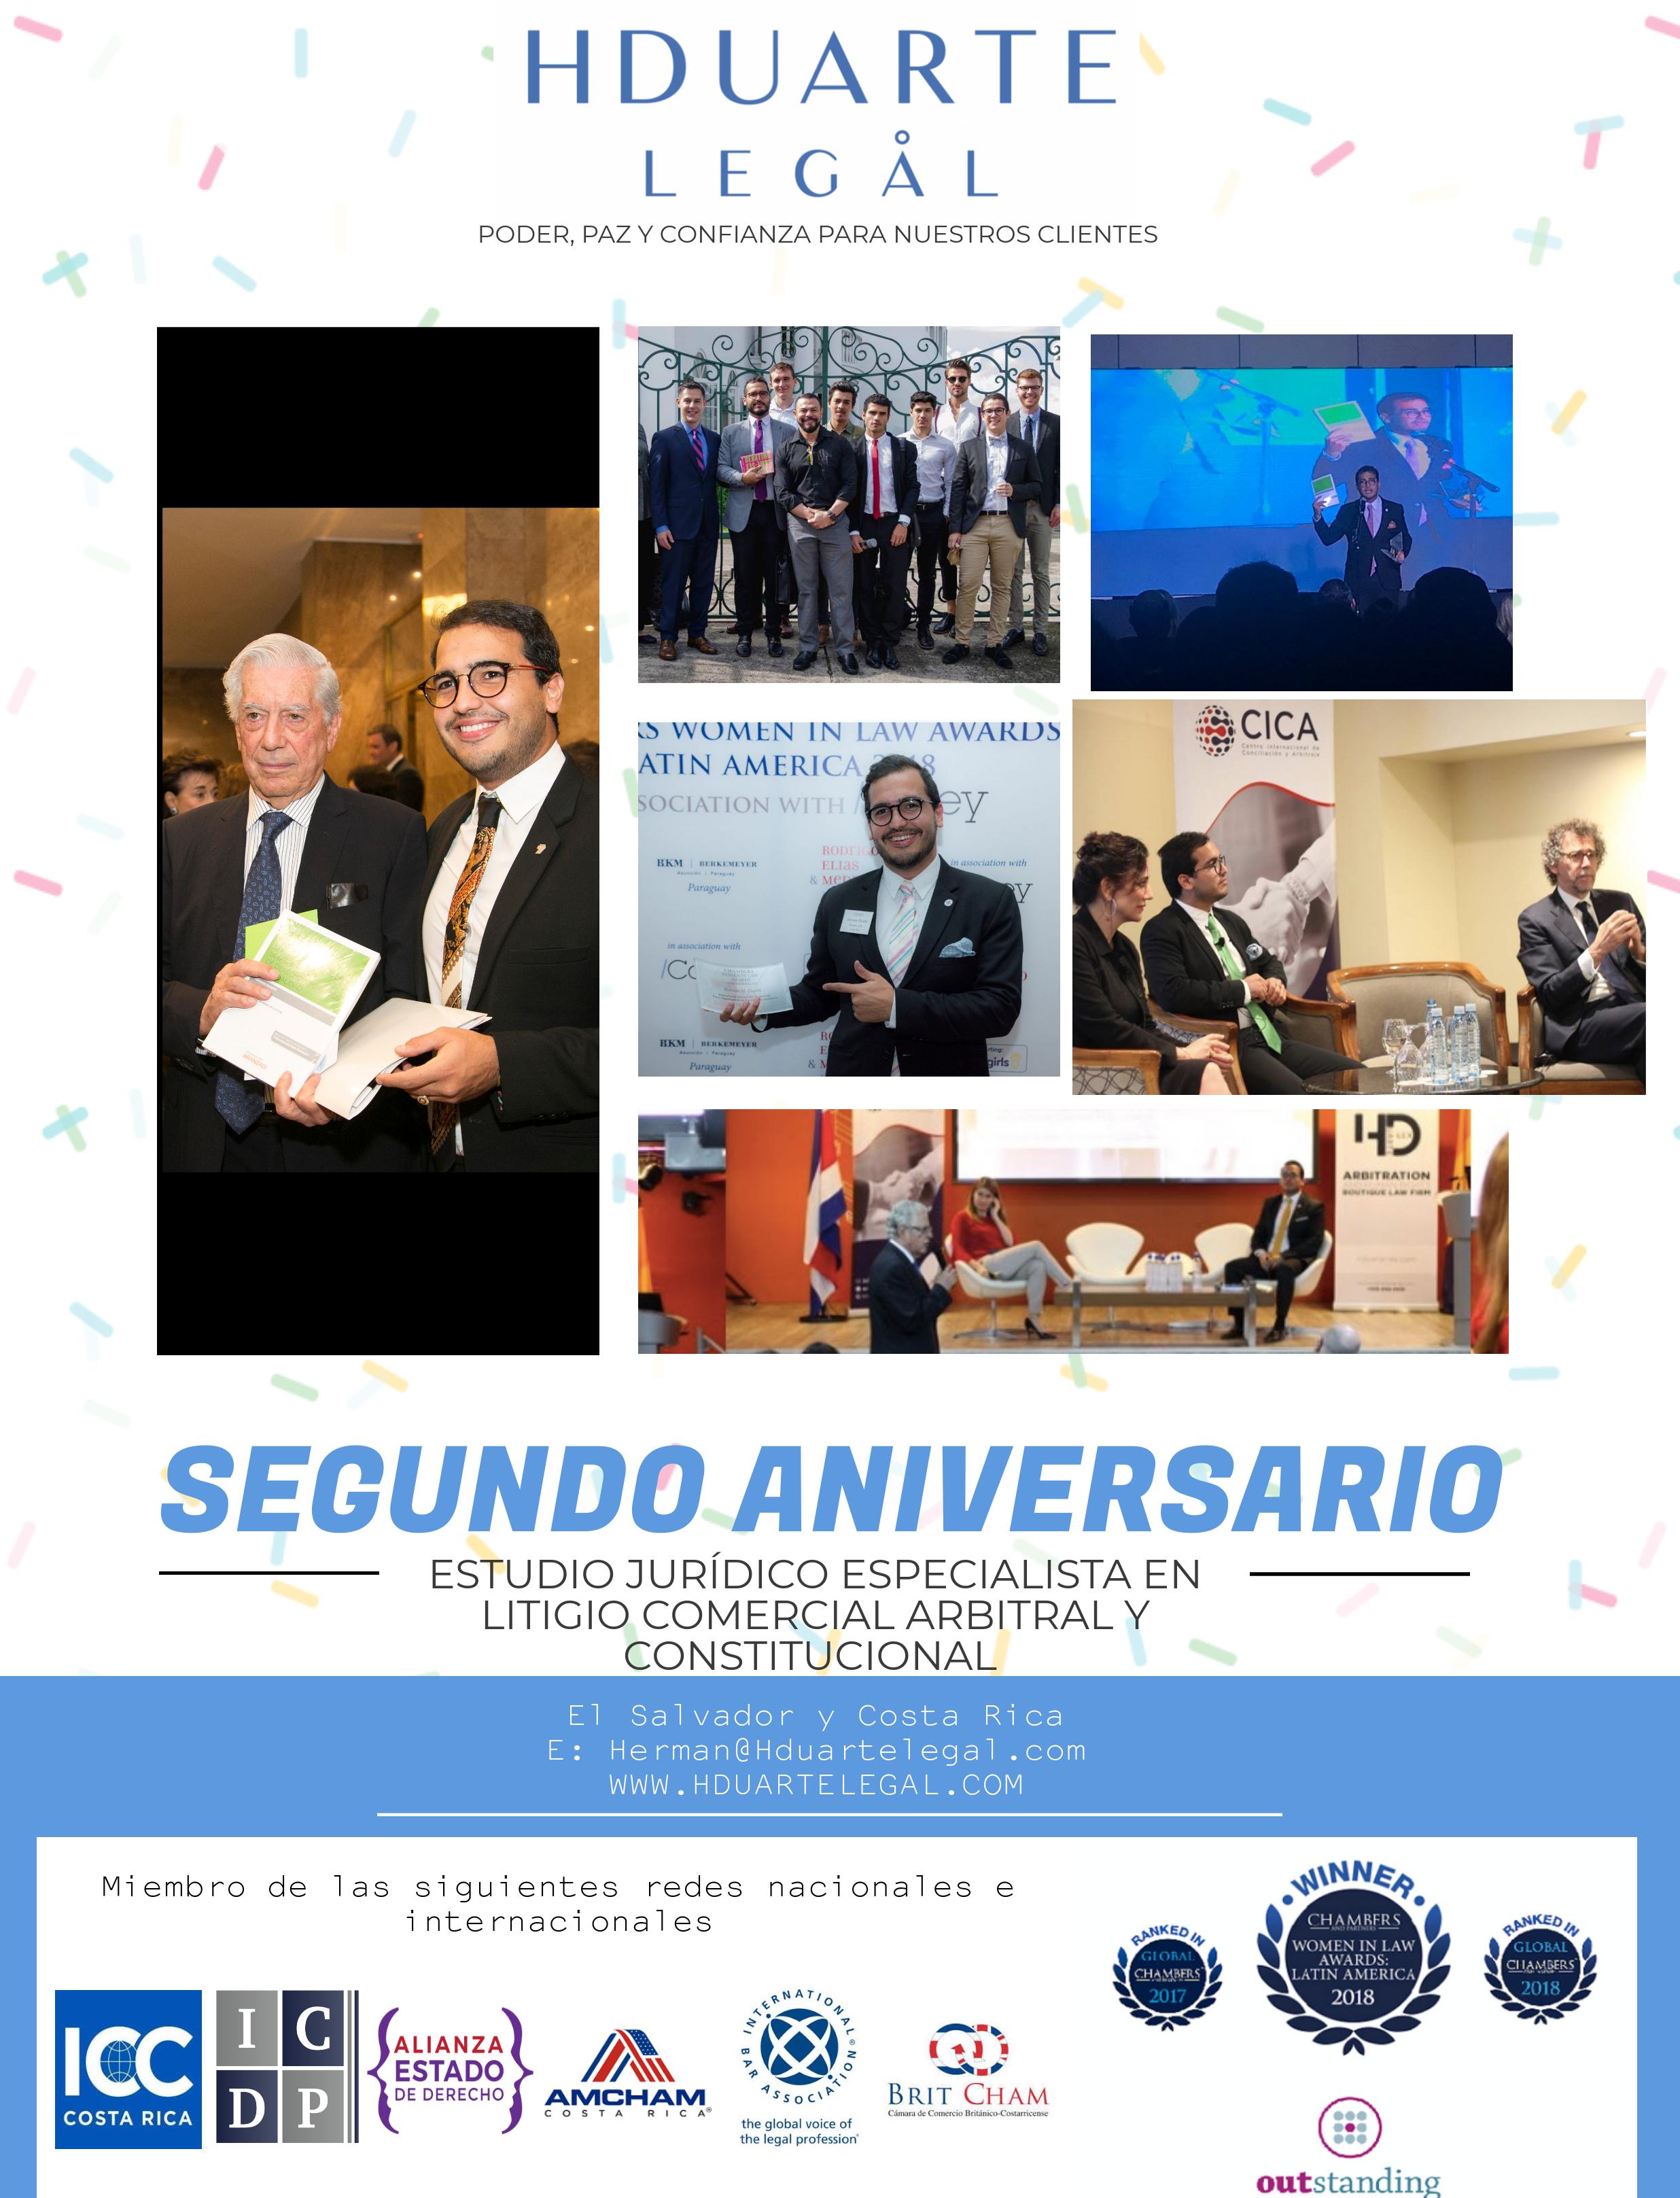 aniversario-Hduarte-Legal